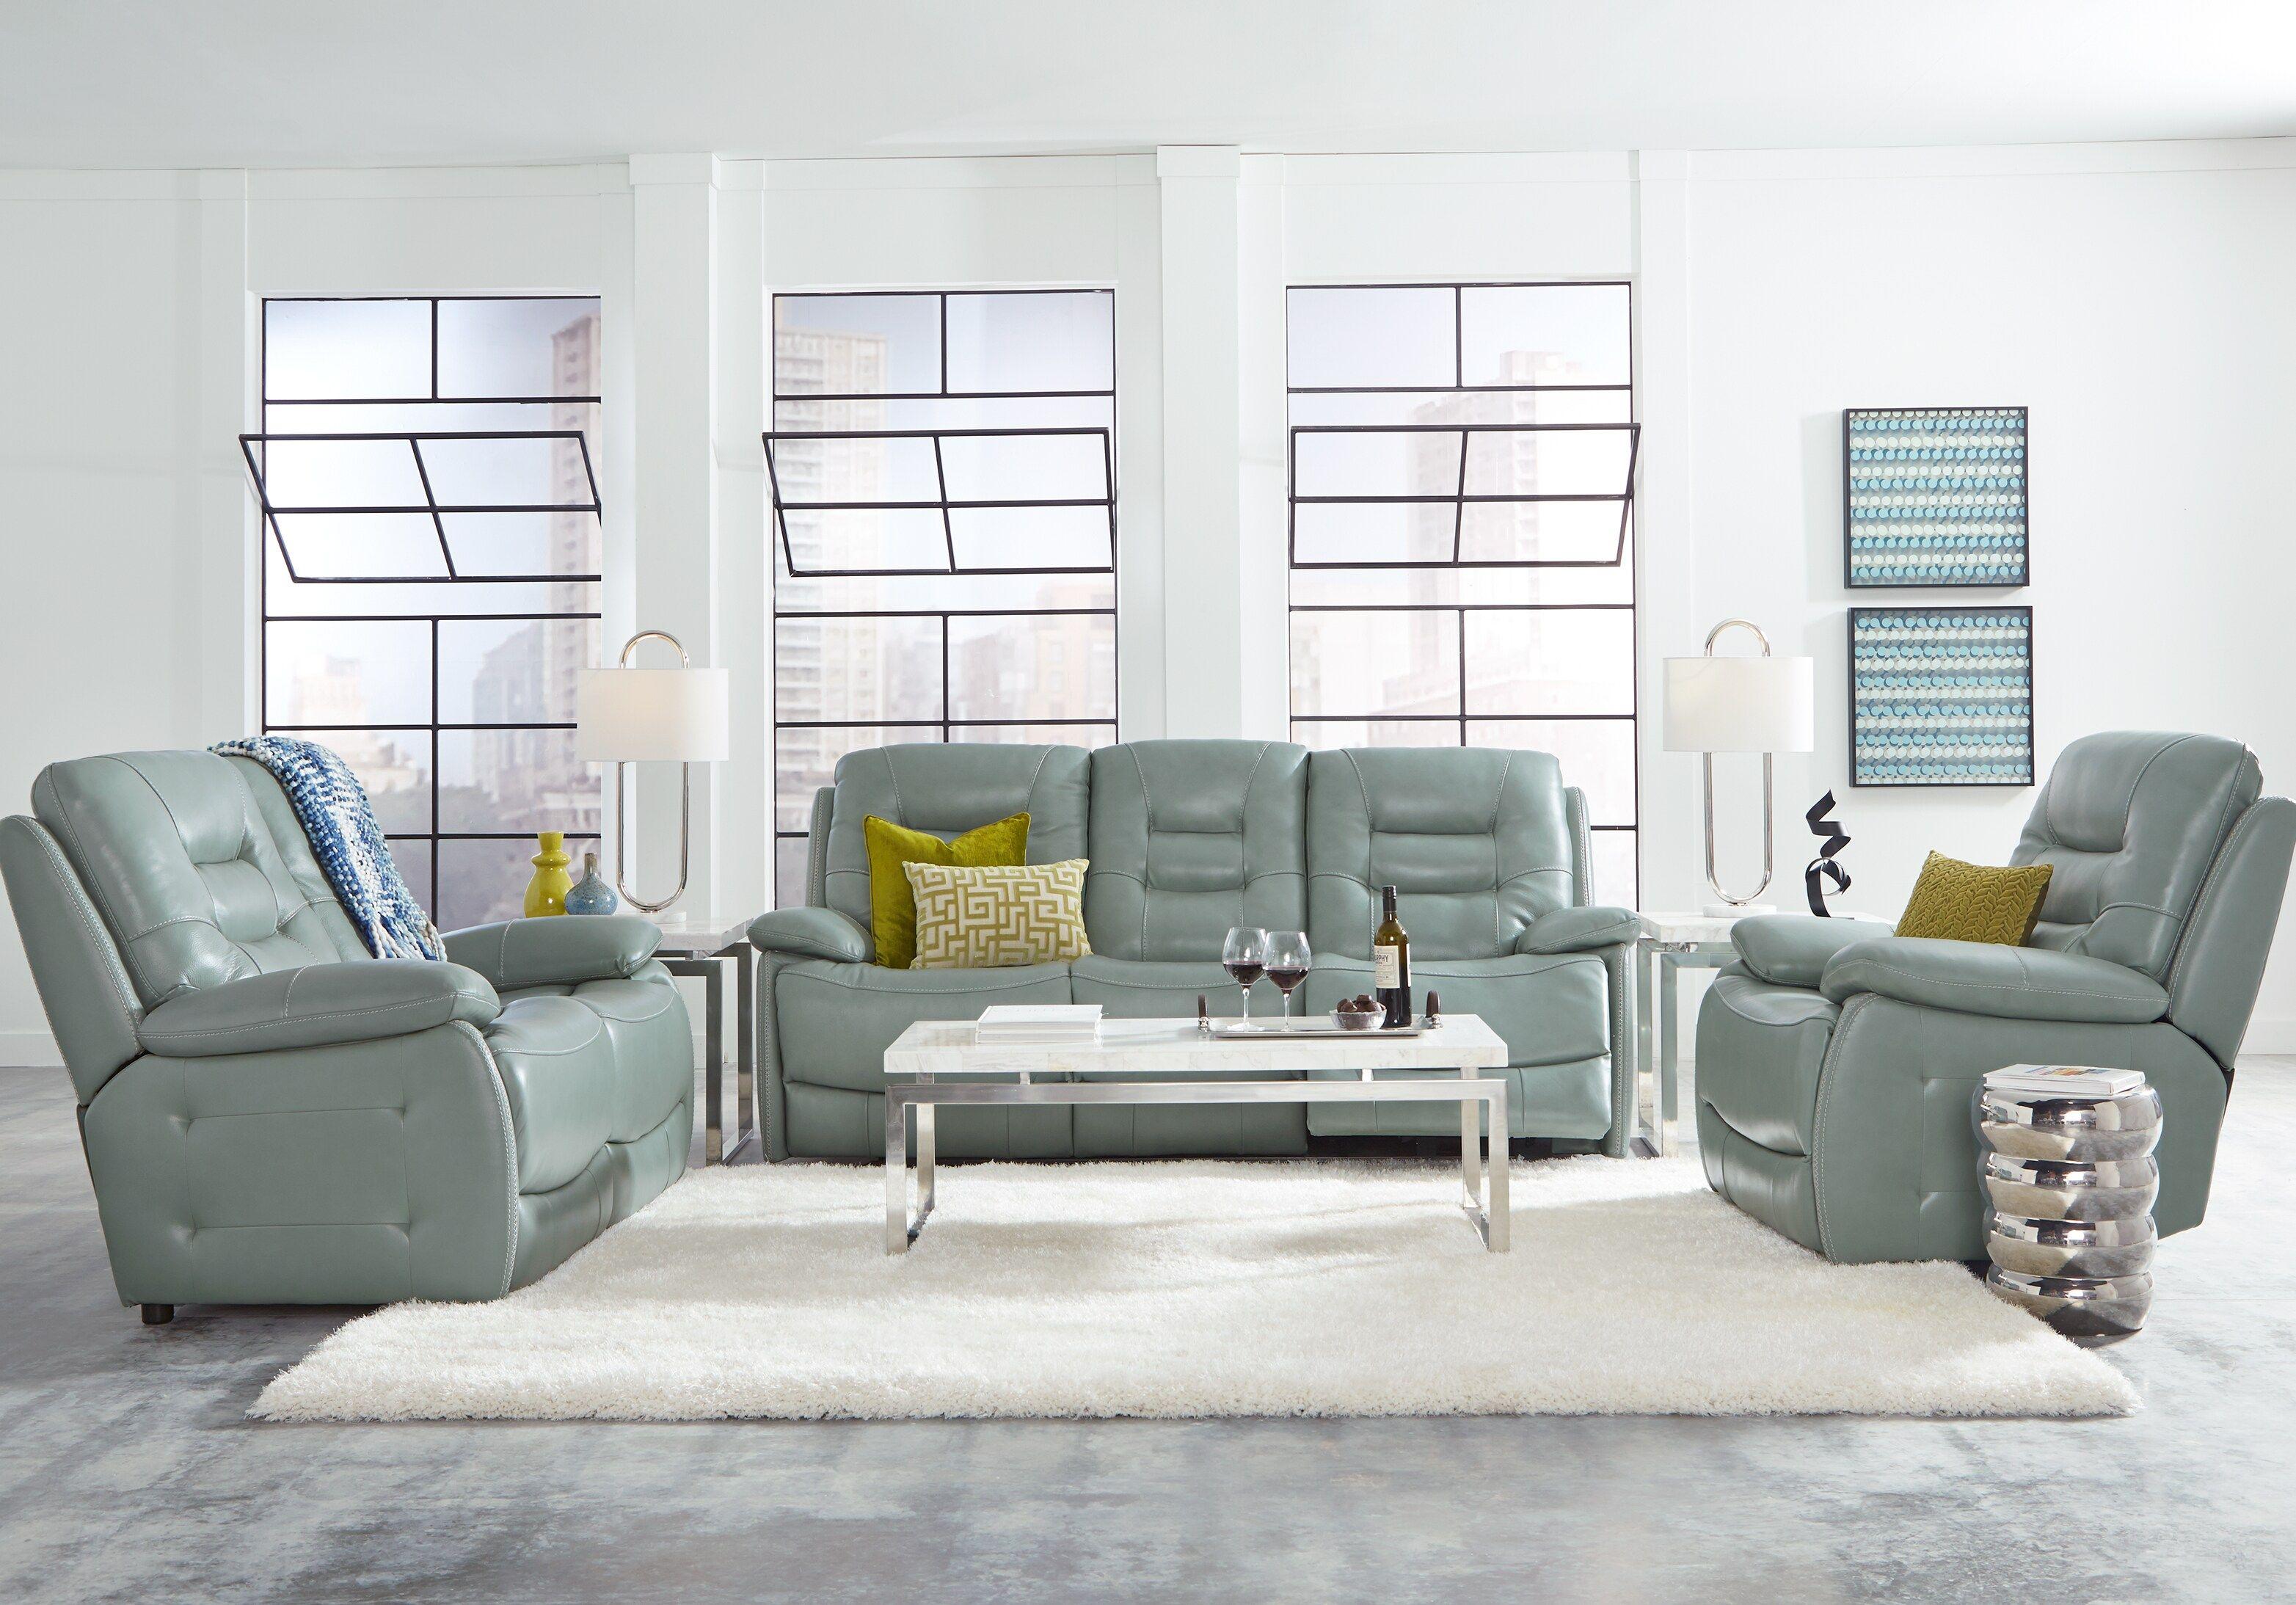 47+ Leather living room sets on sale information